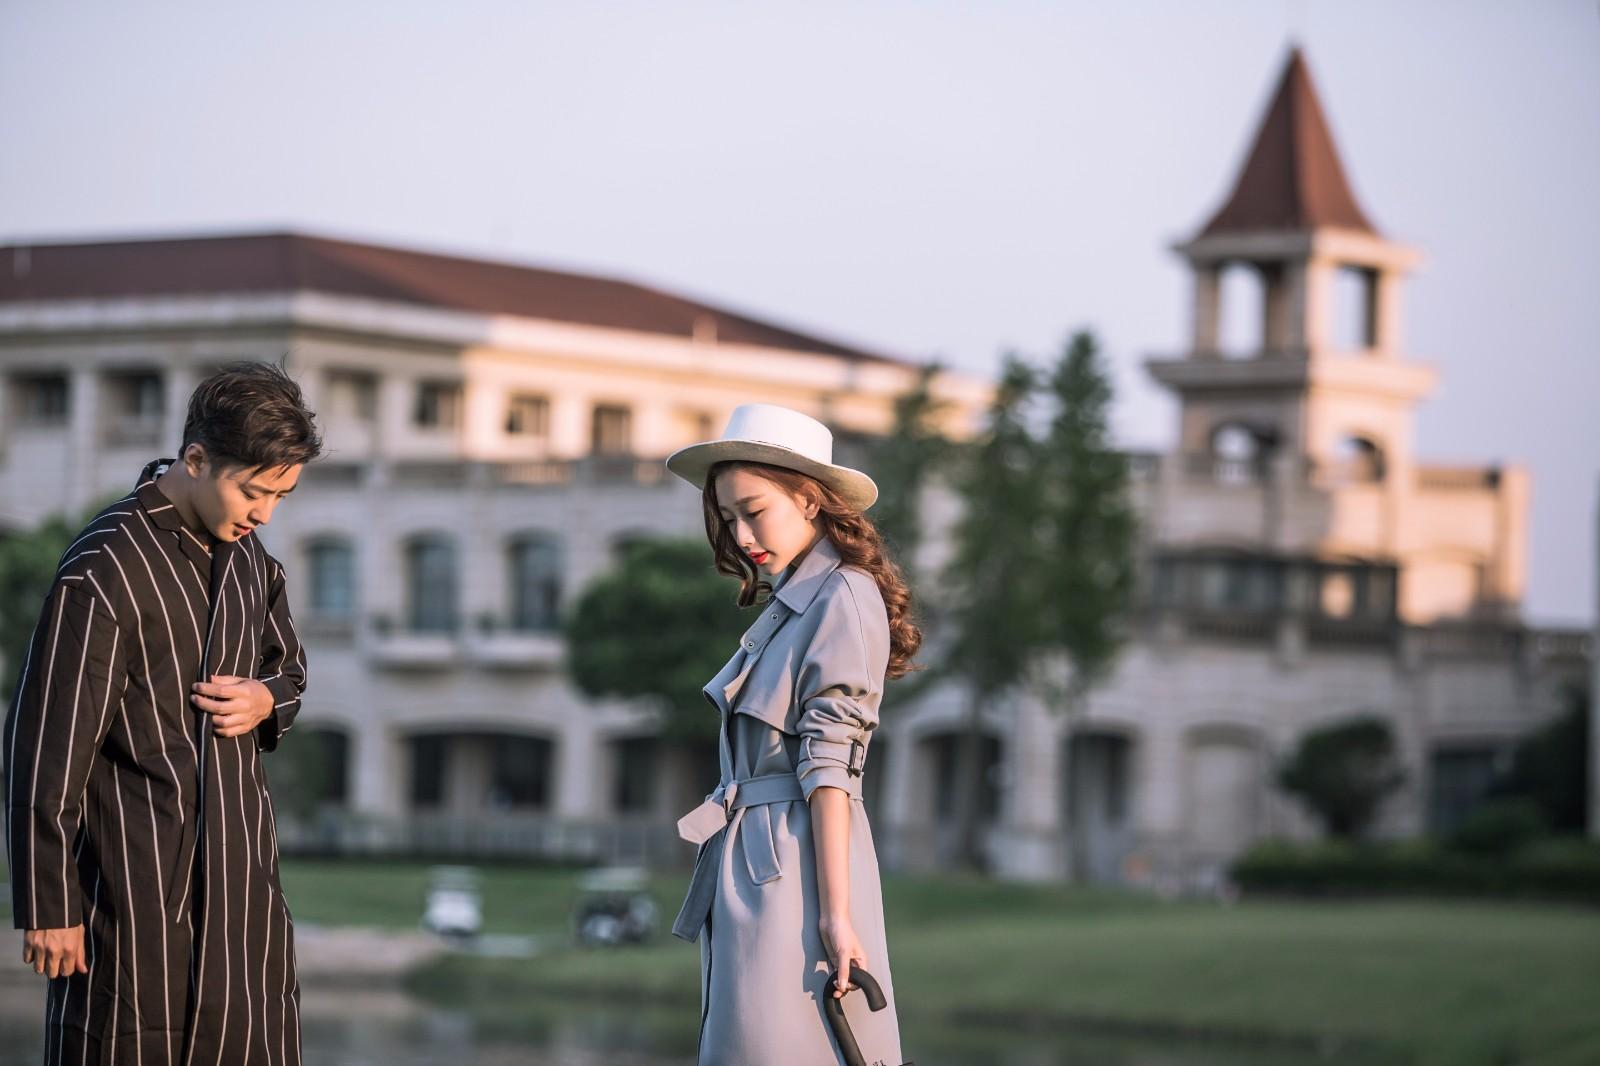 广州婚纱摄影比较潮派的有哪些?最受90后欢迎的就在这里了!